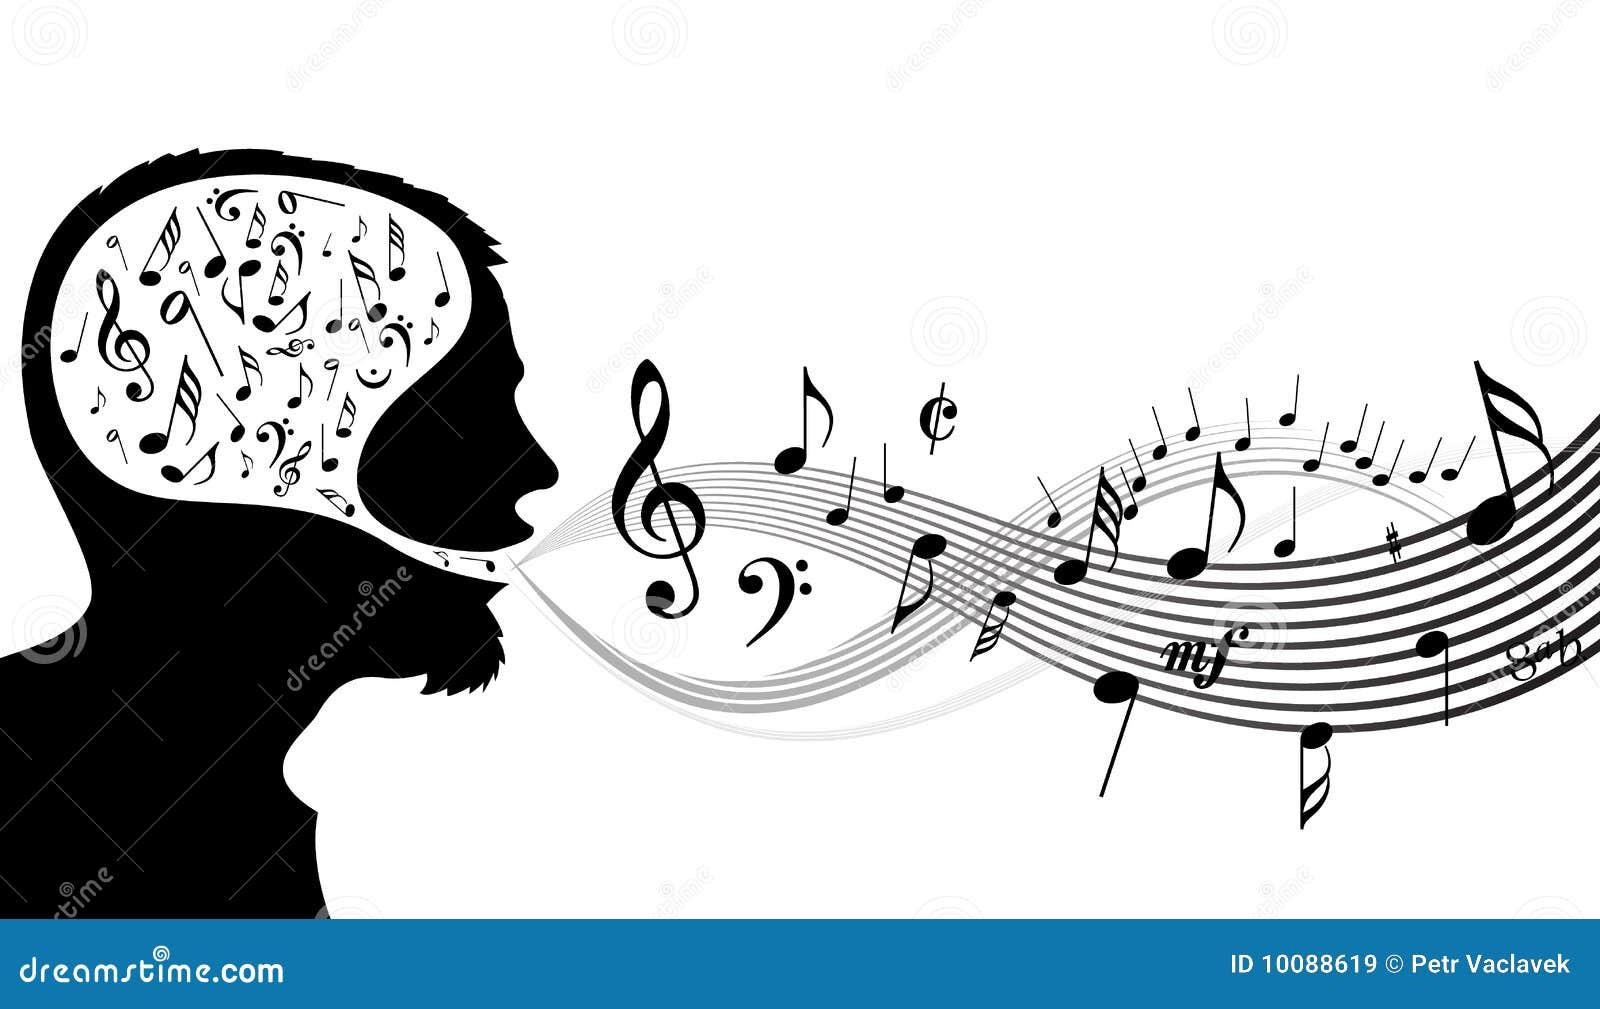 朝向音乐歌唱家主题图片